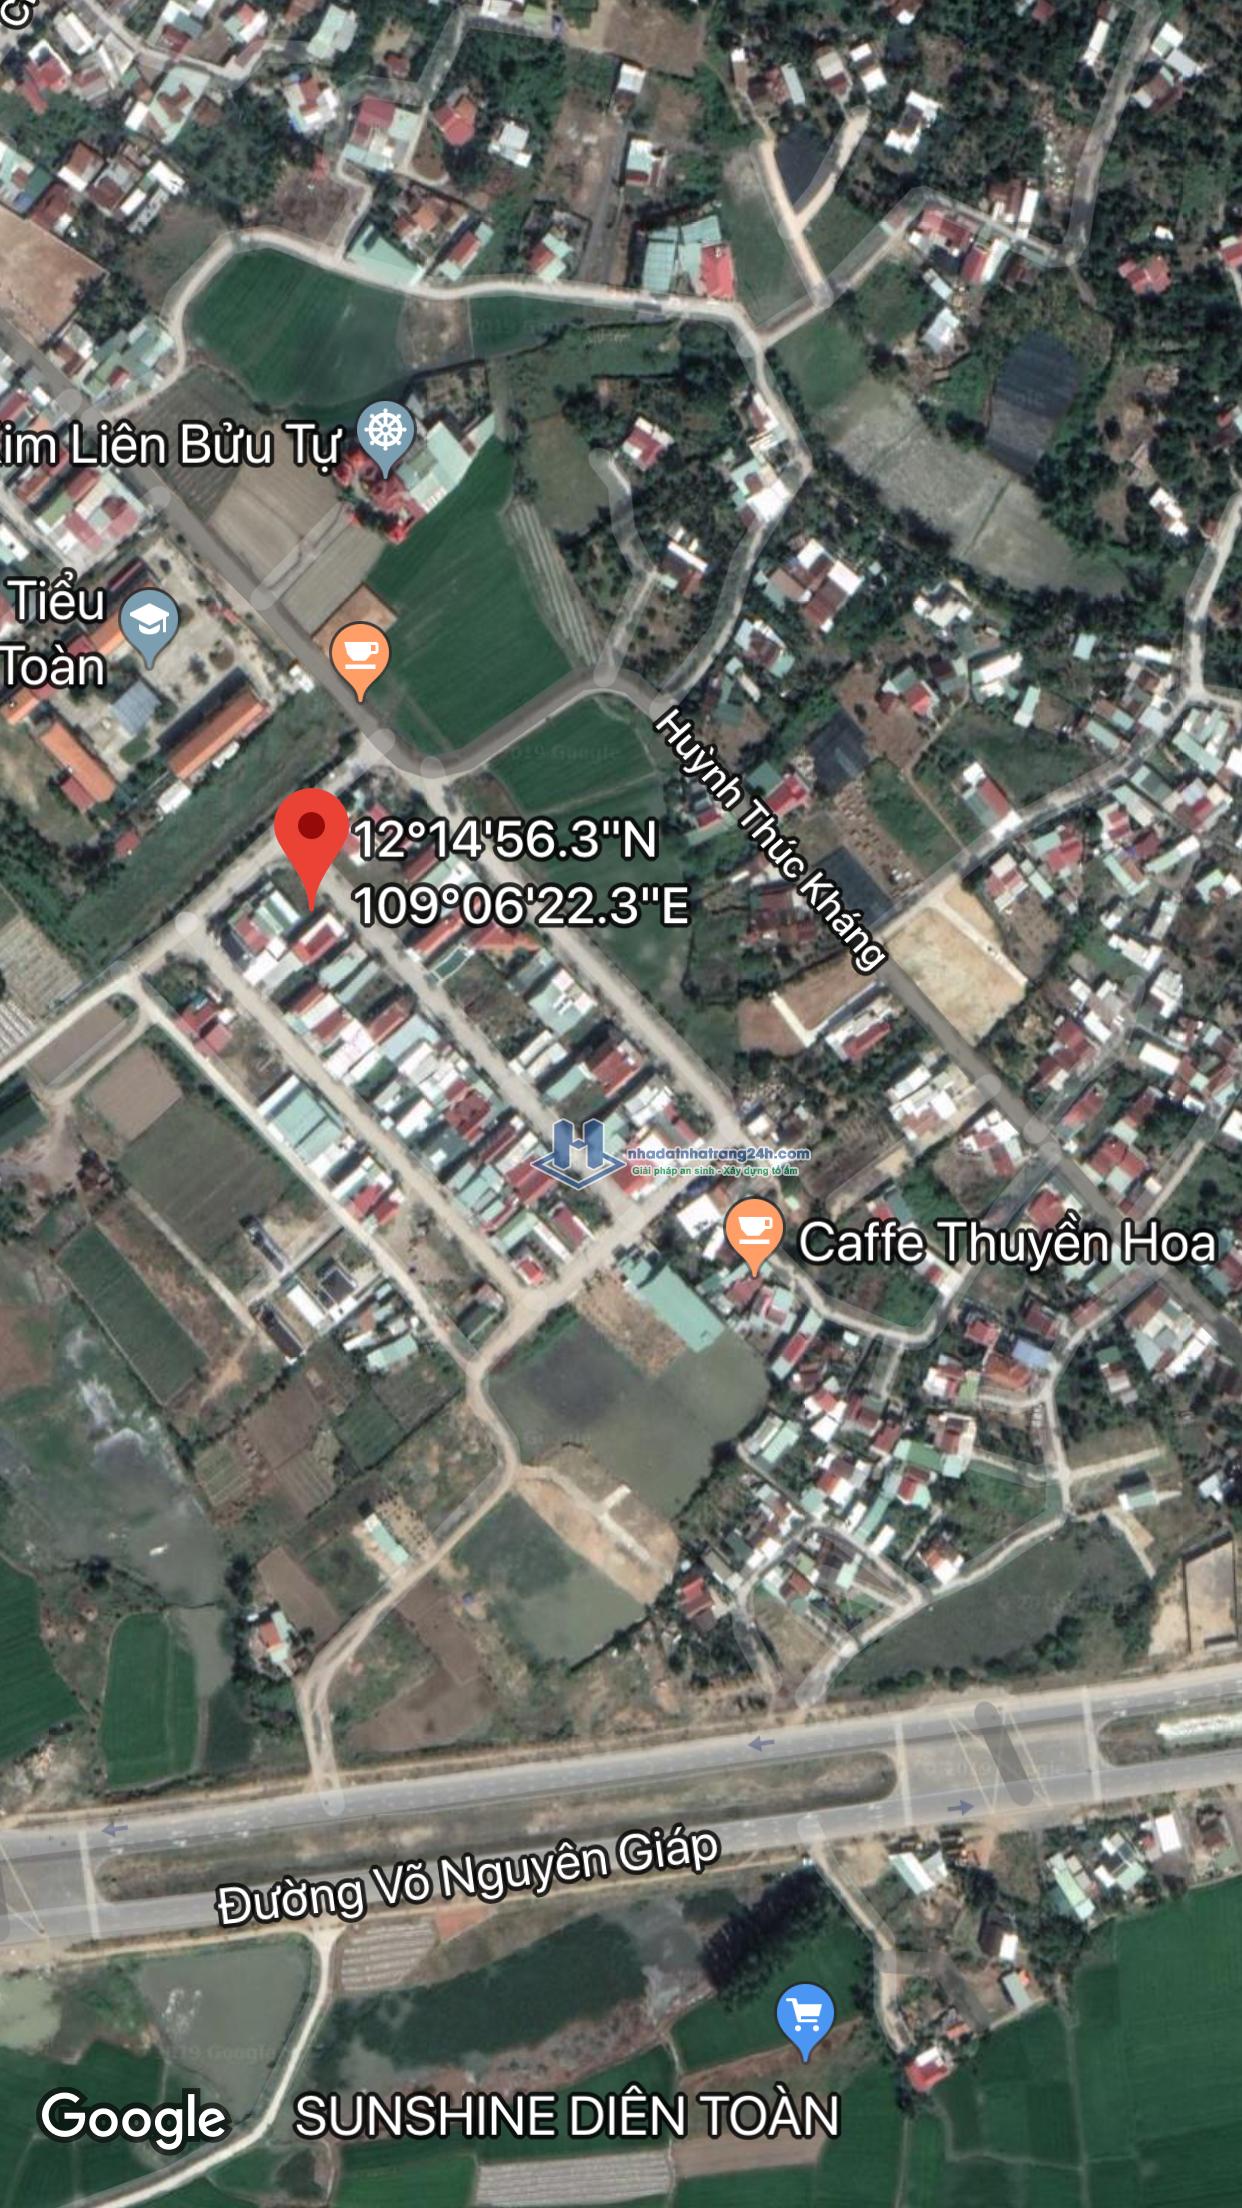 Bán đất tái định cư Diên Toàn – Diên Khánh. Lh 0901300194